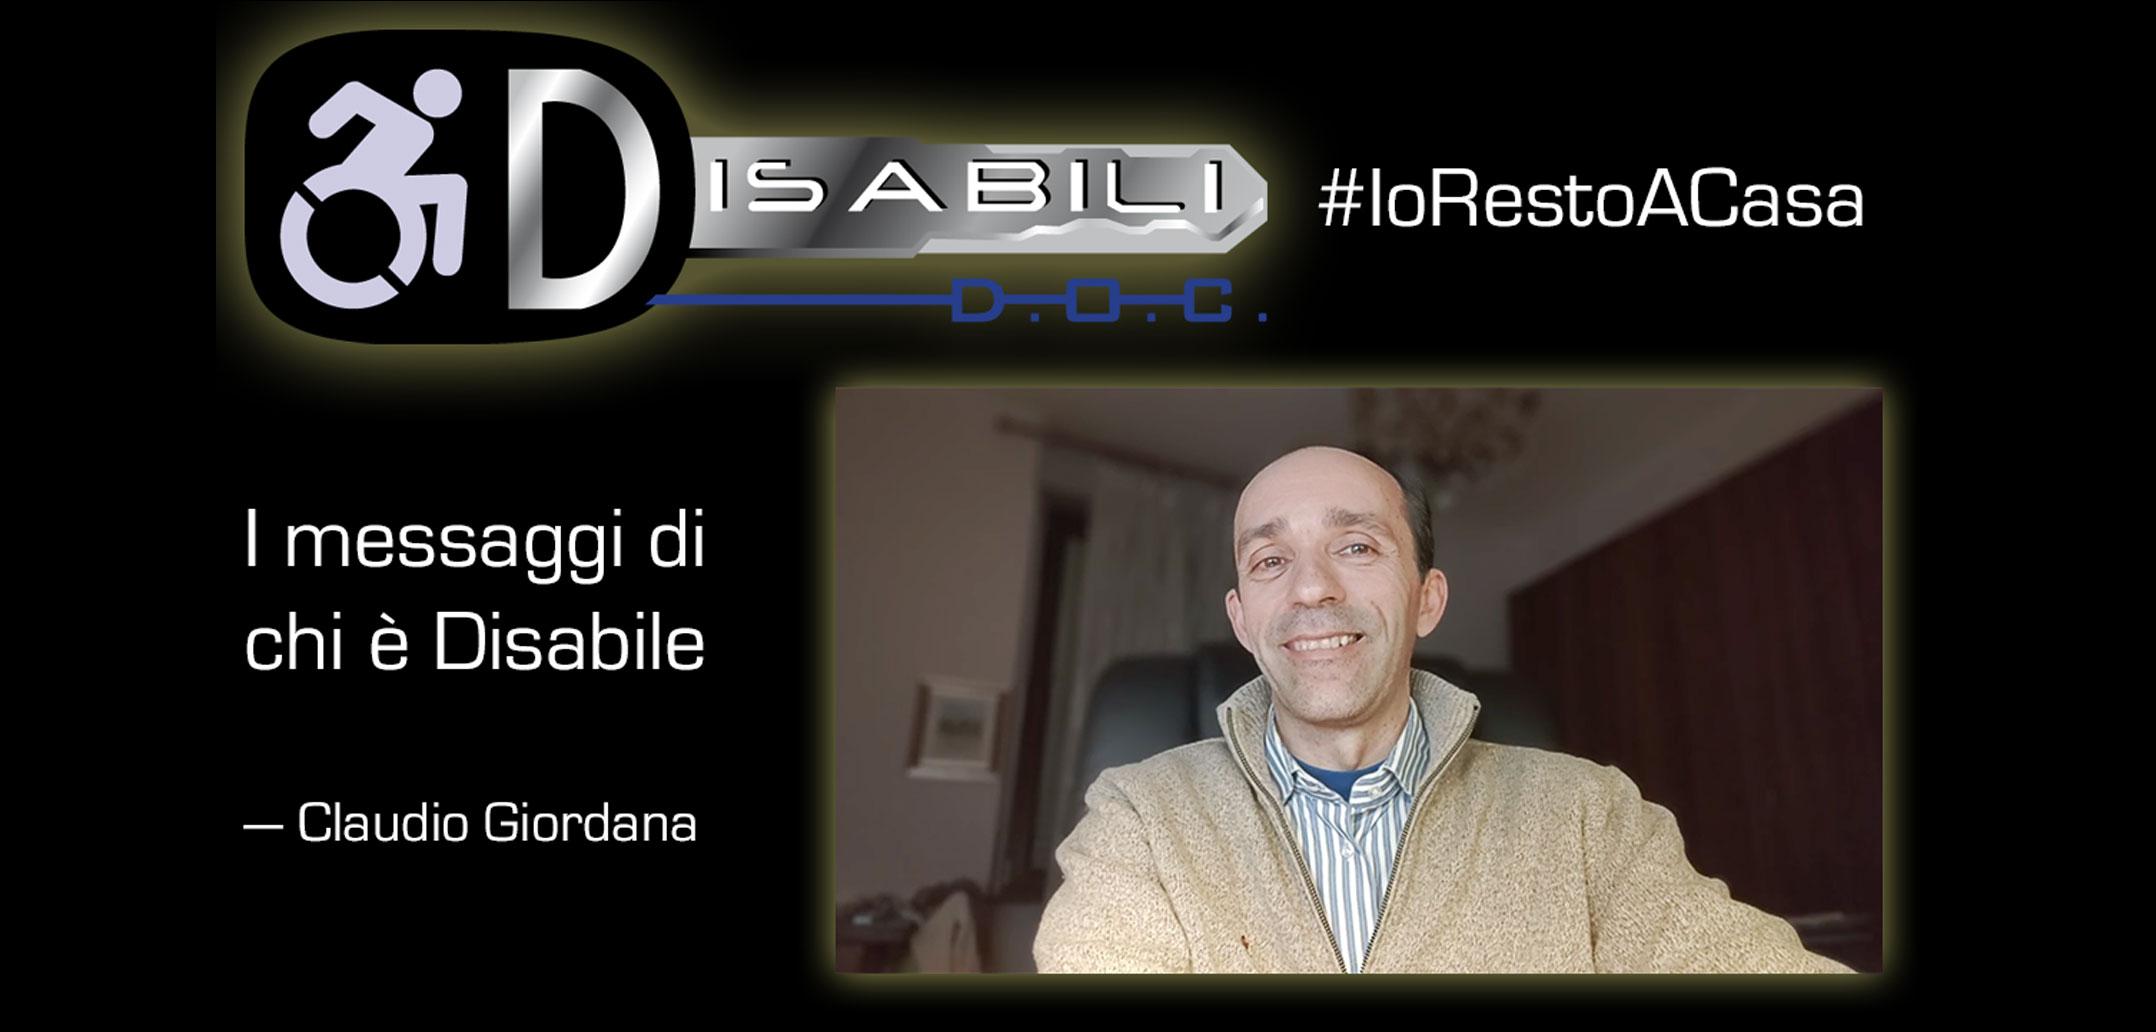 #Coronavirus: il videomessaggio di Claudio Giordana sul #IoRestoACasa